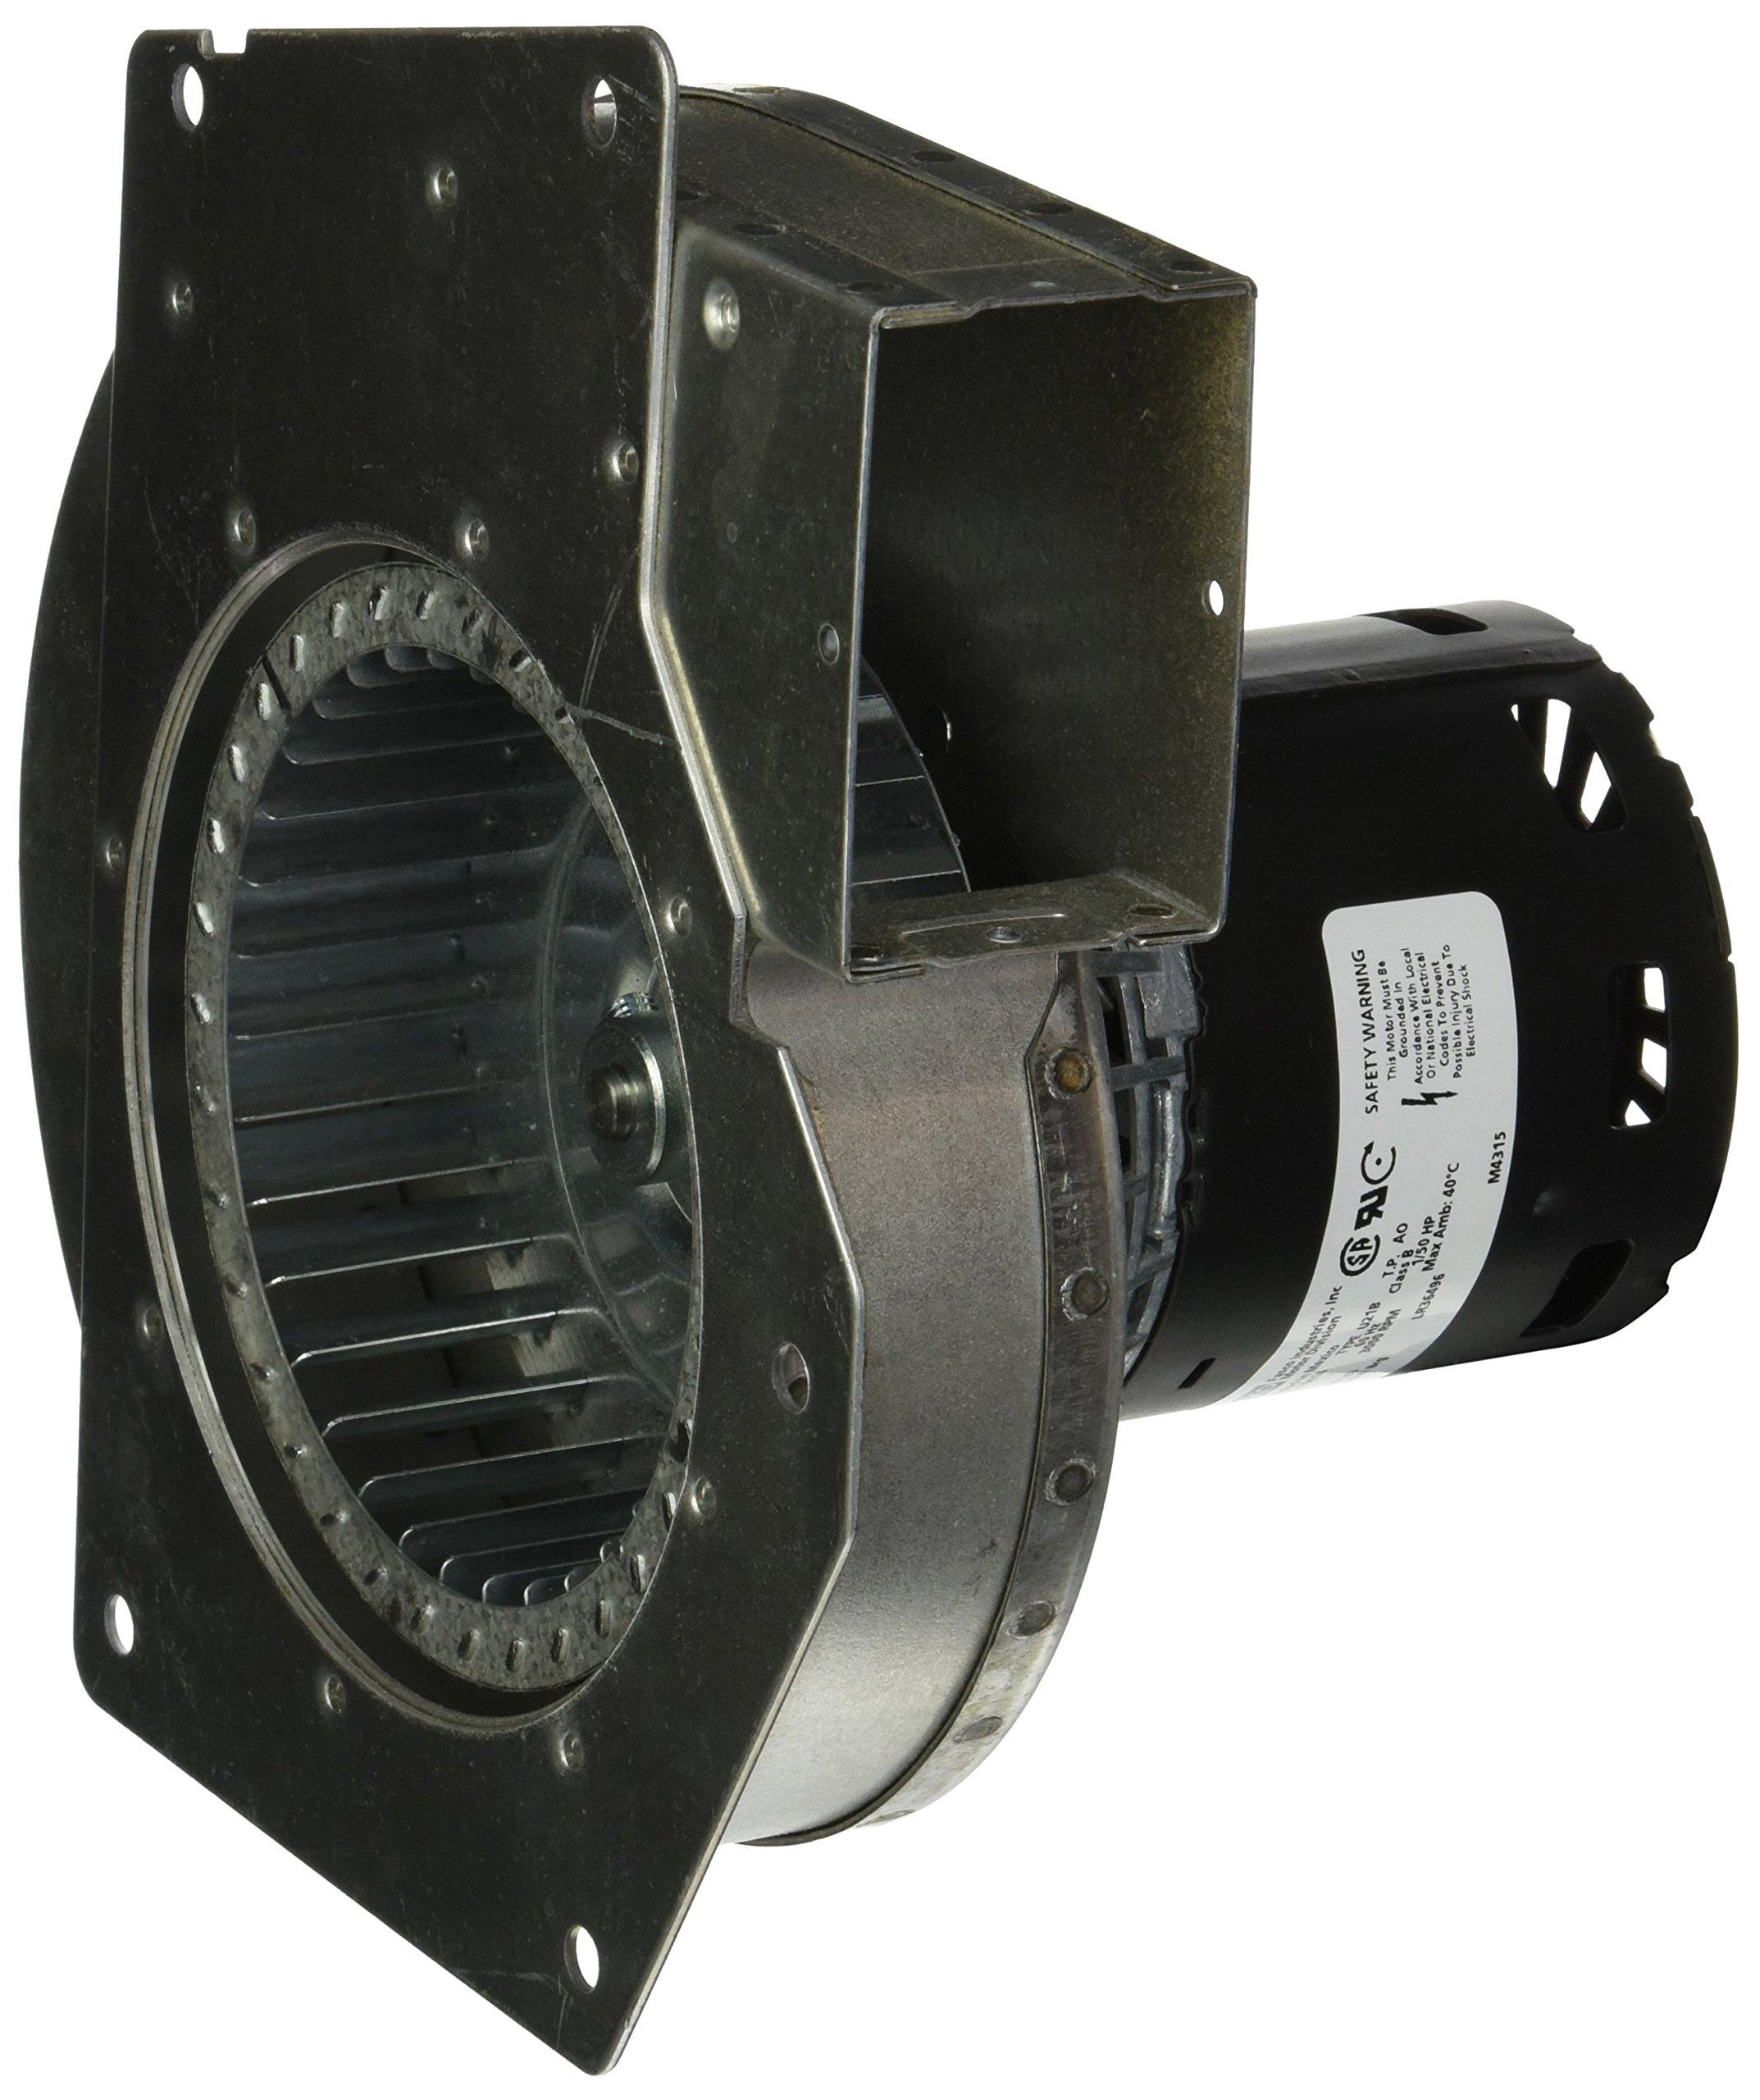 Fasco A143 115 Volt 3000 RPM Furnace Draft Inducer Blower